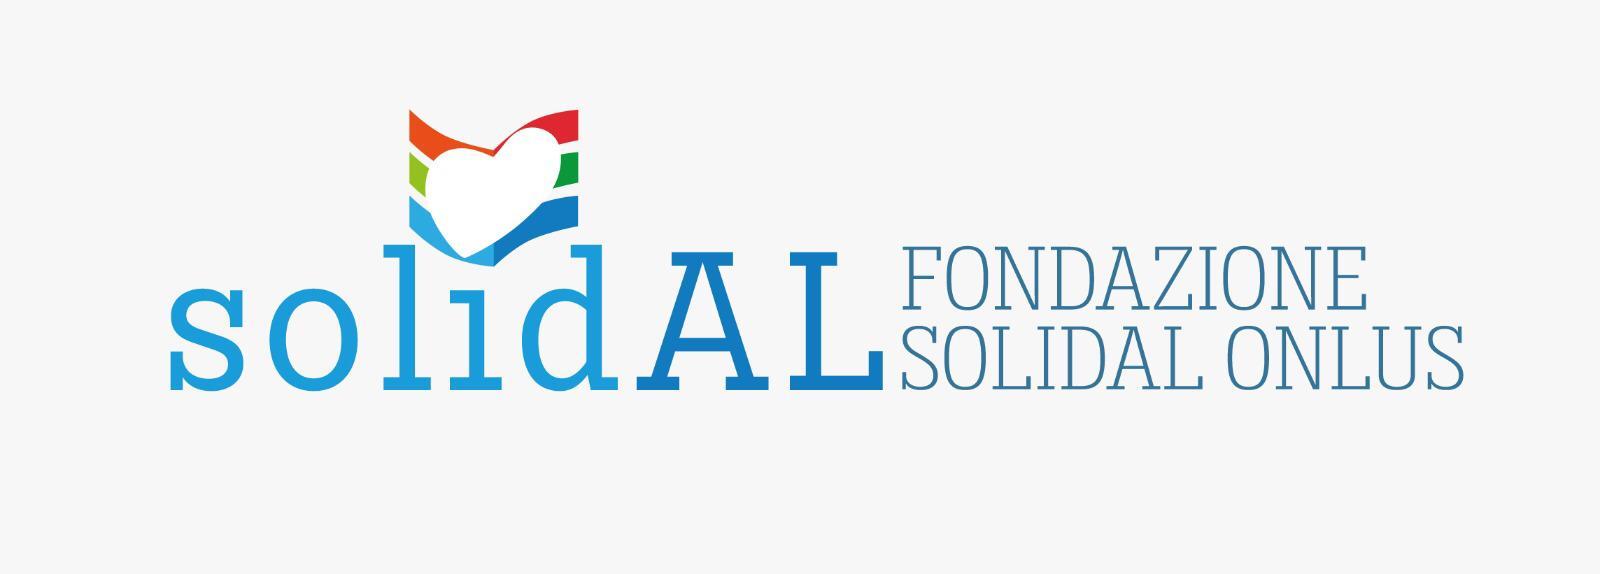 Fondazione Solidal ONLUS